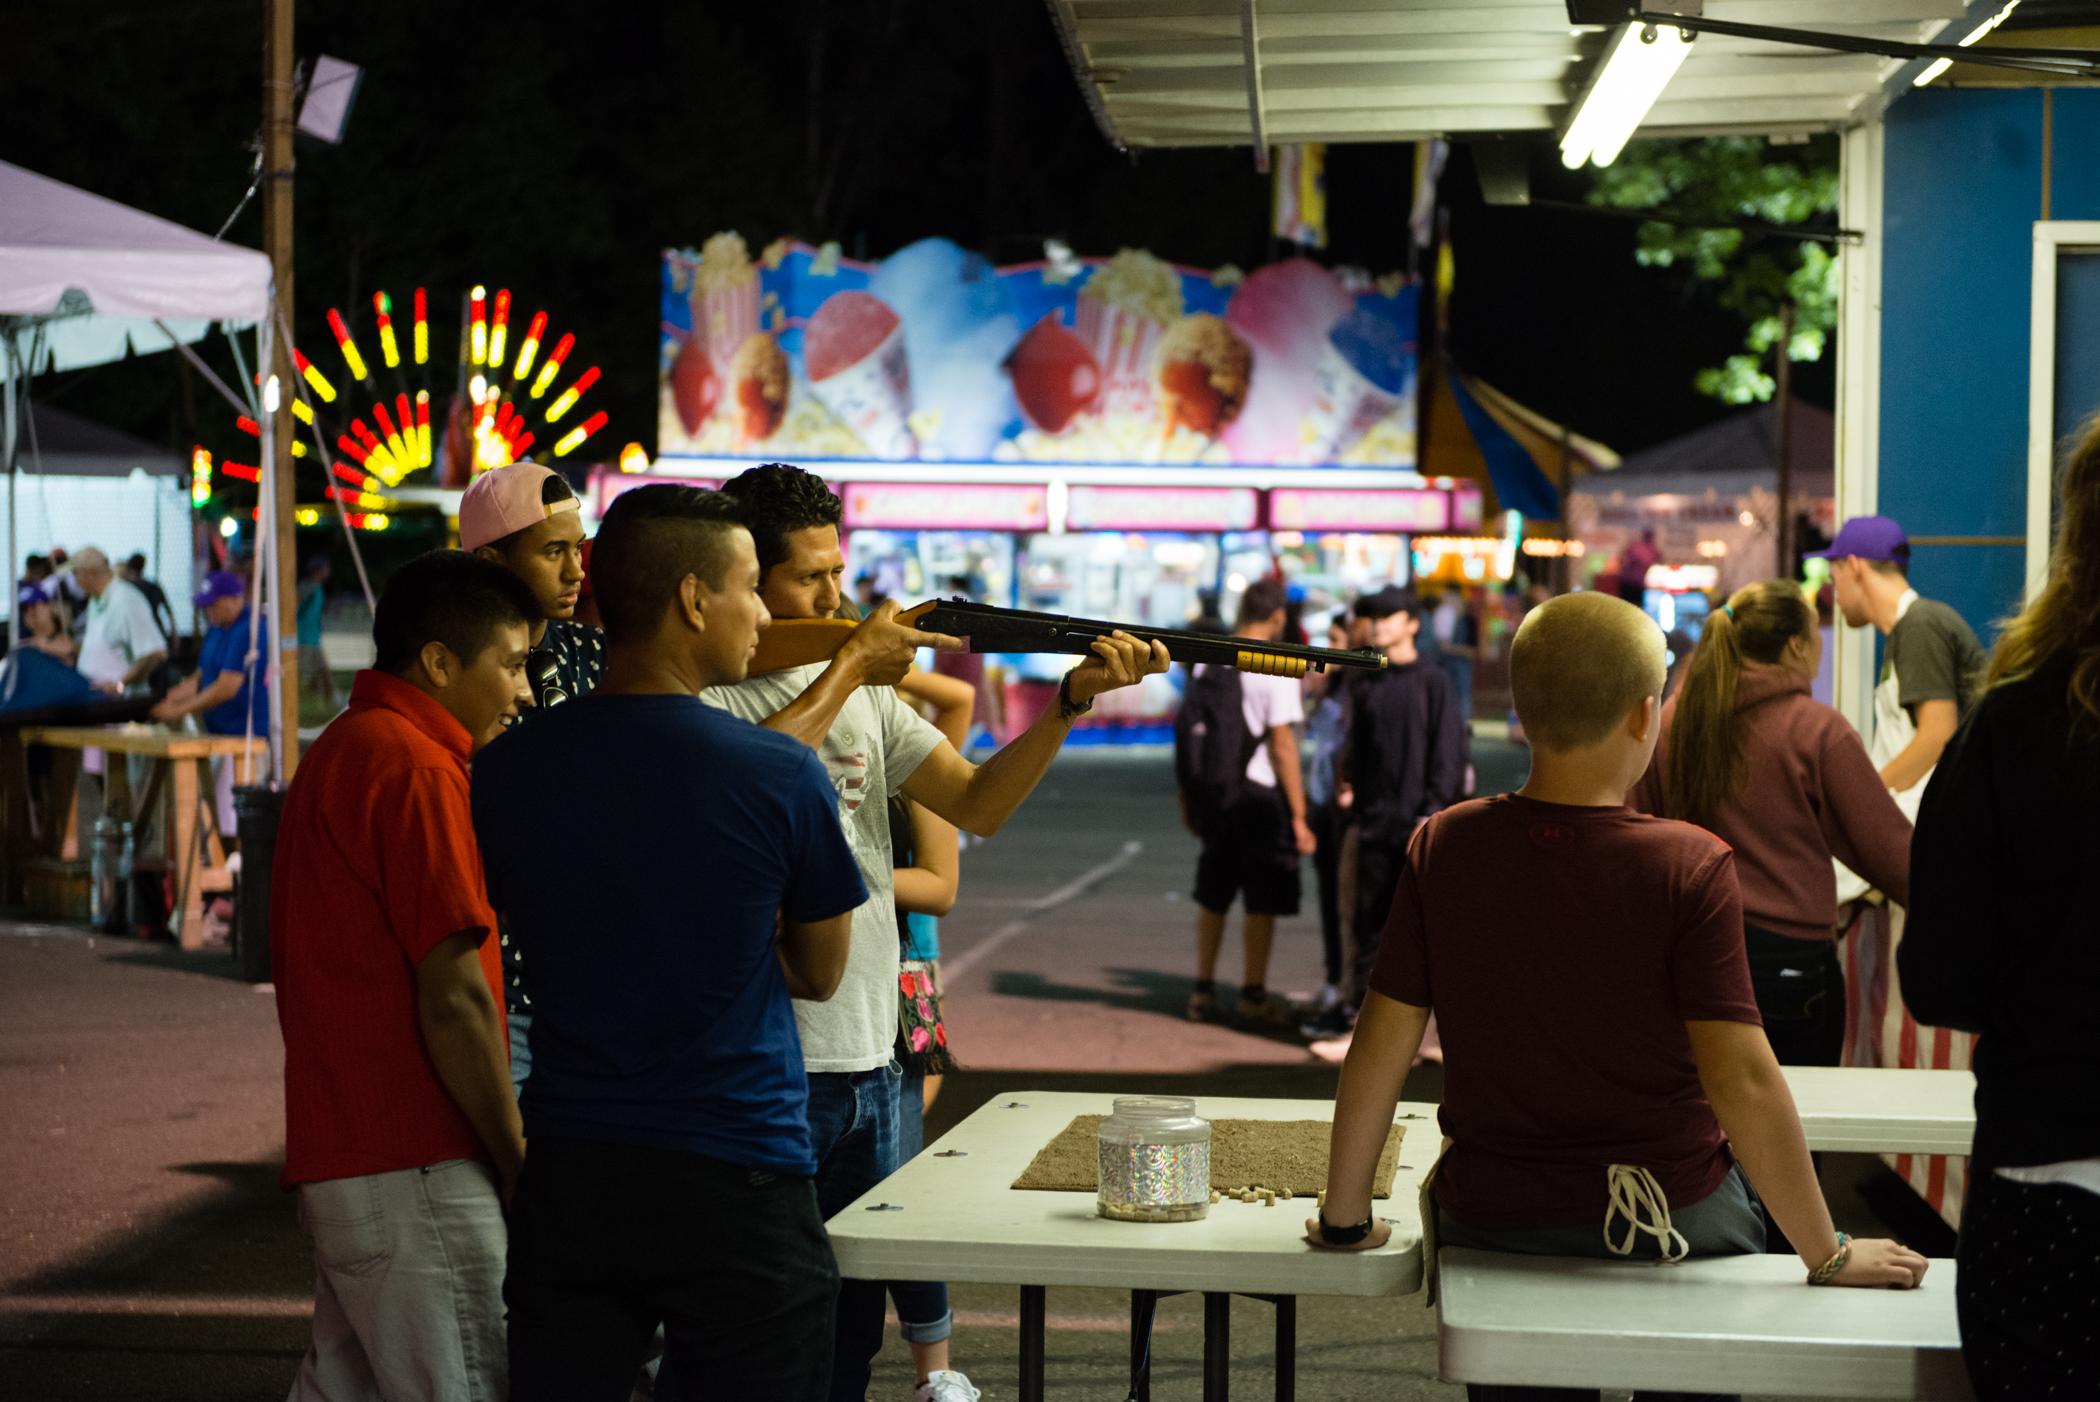 St-Leos-Fair-2016-20.jpg